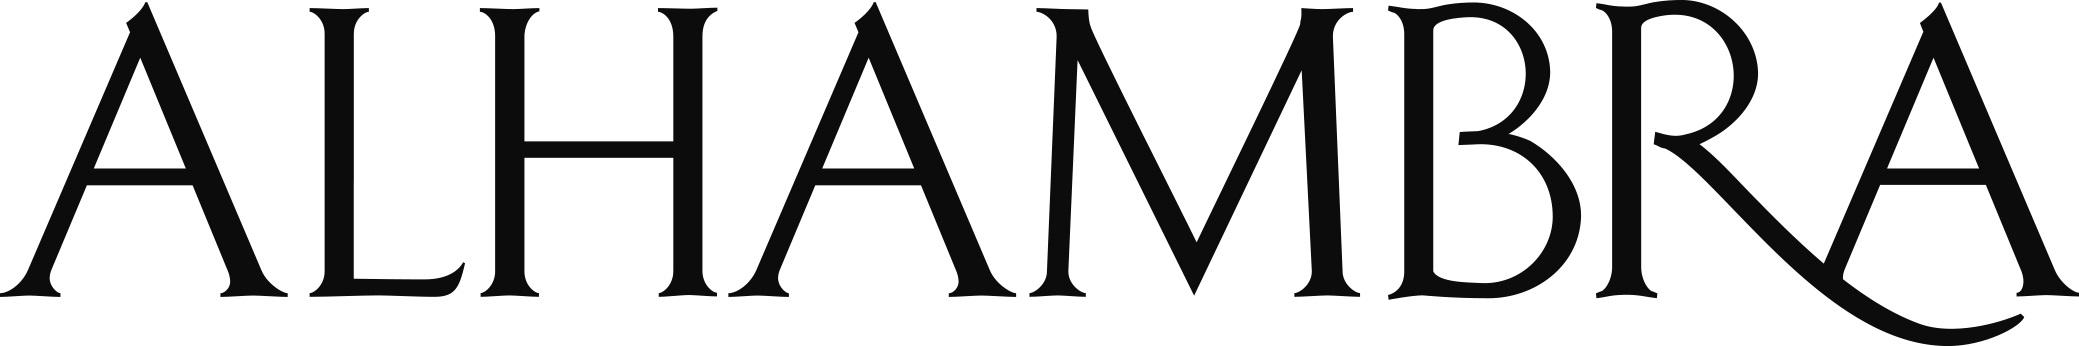 alhambra_logo.jpg